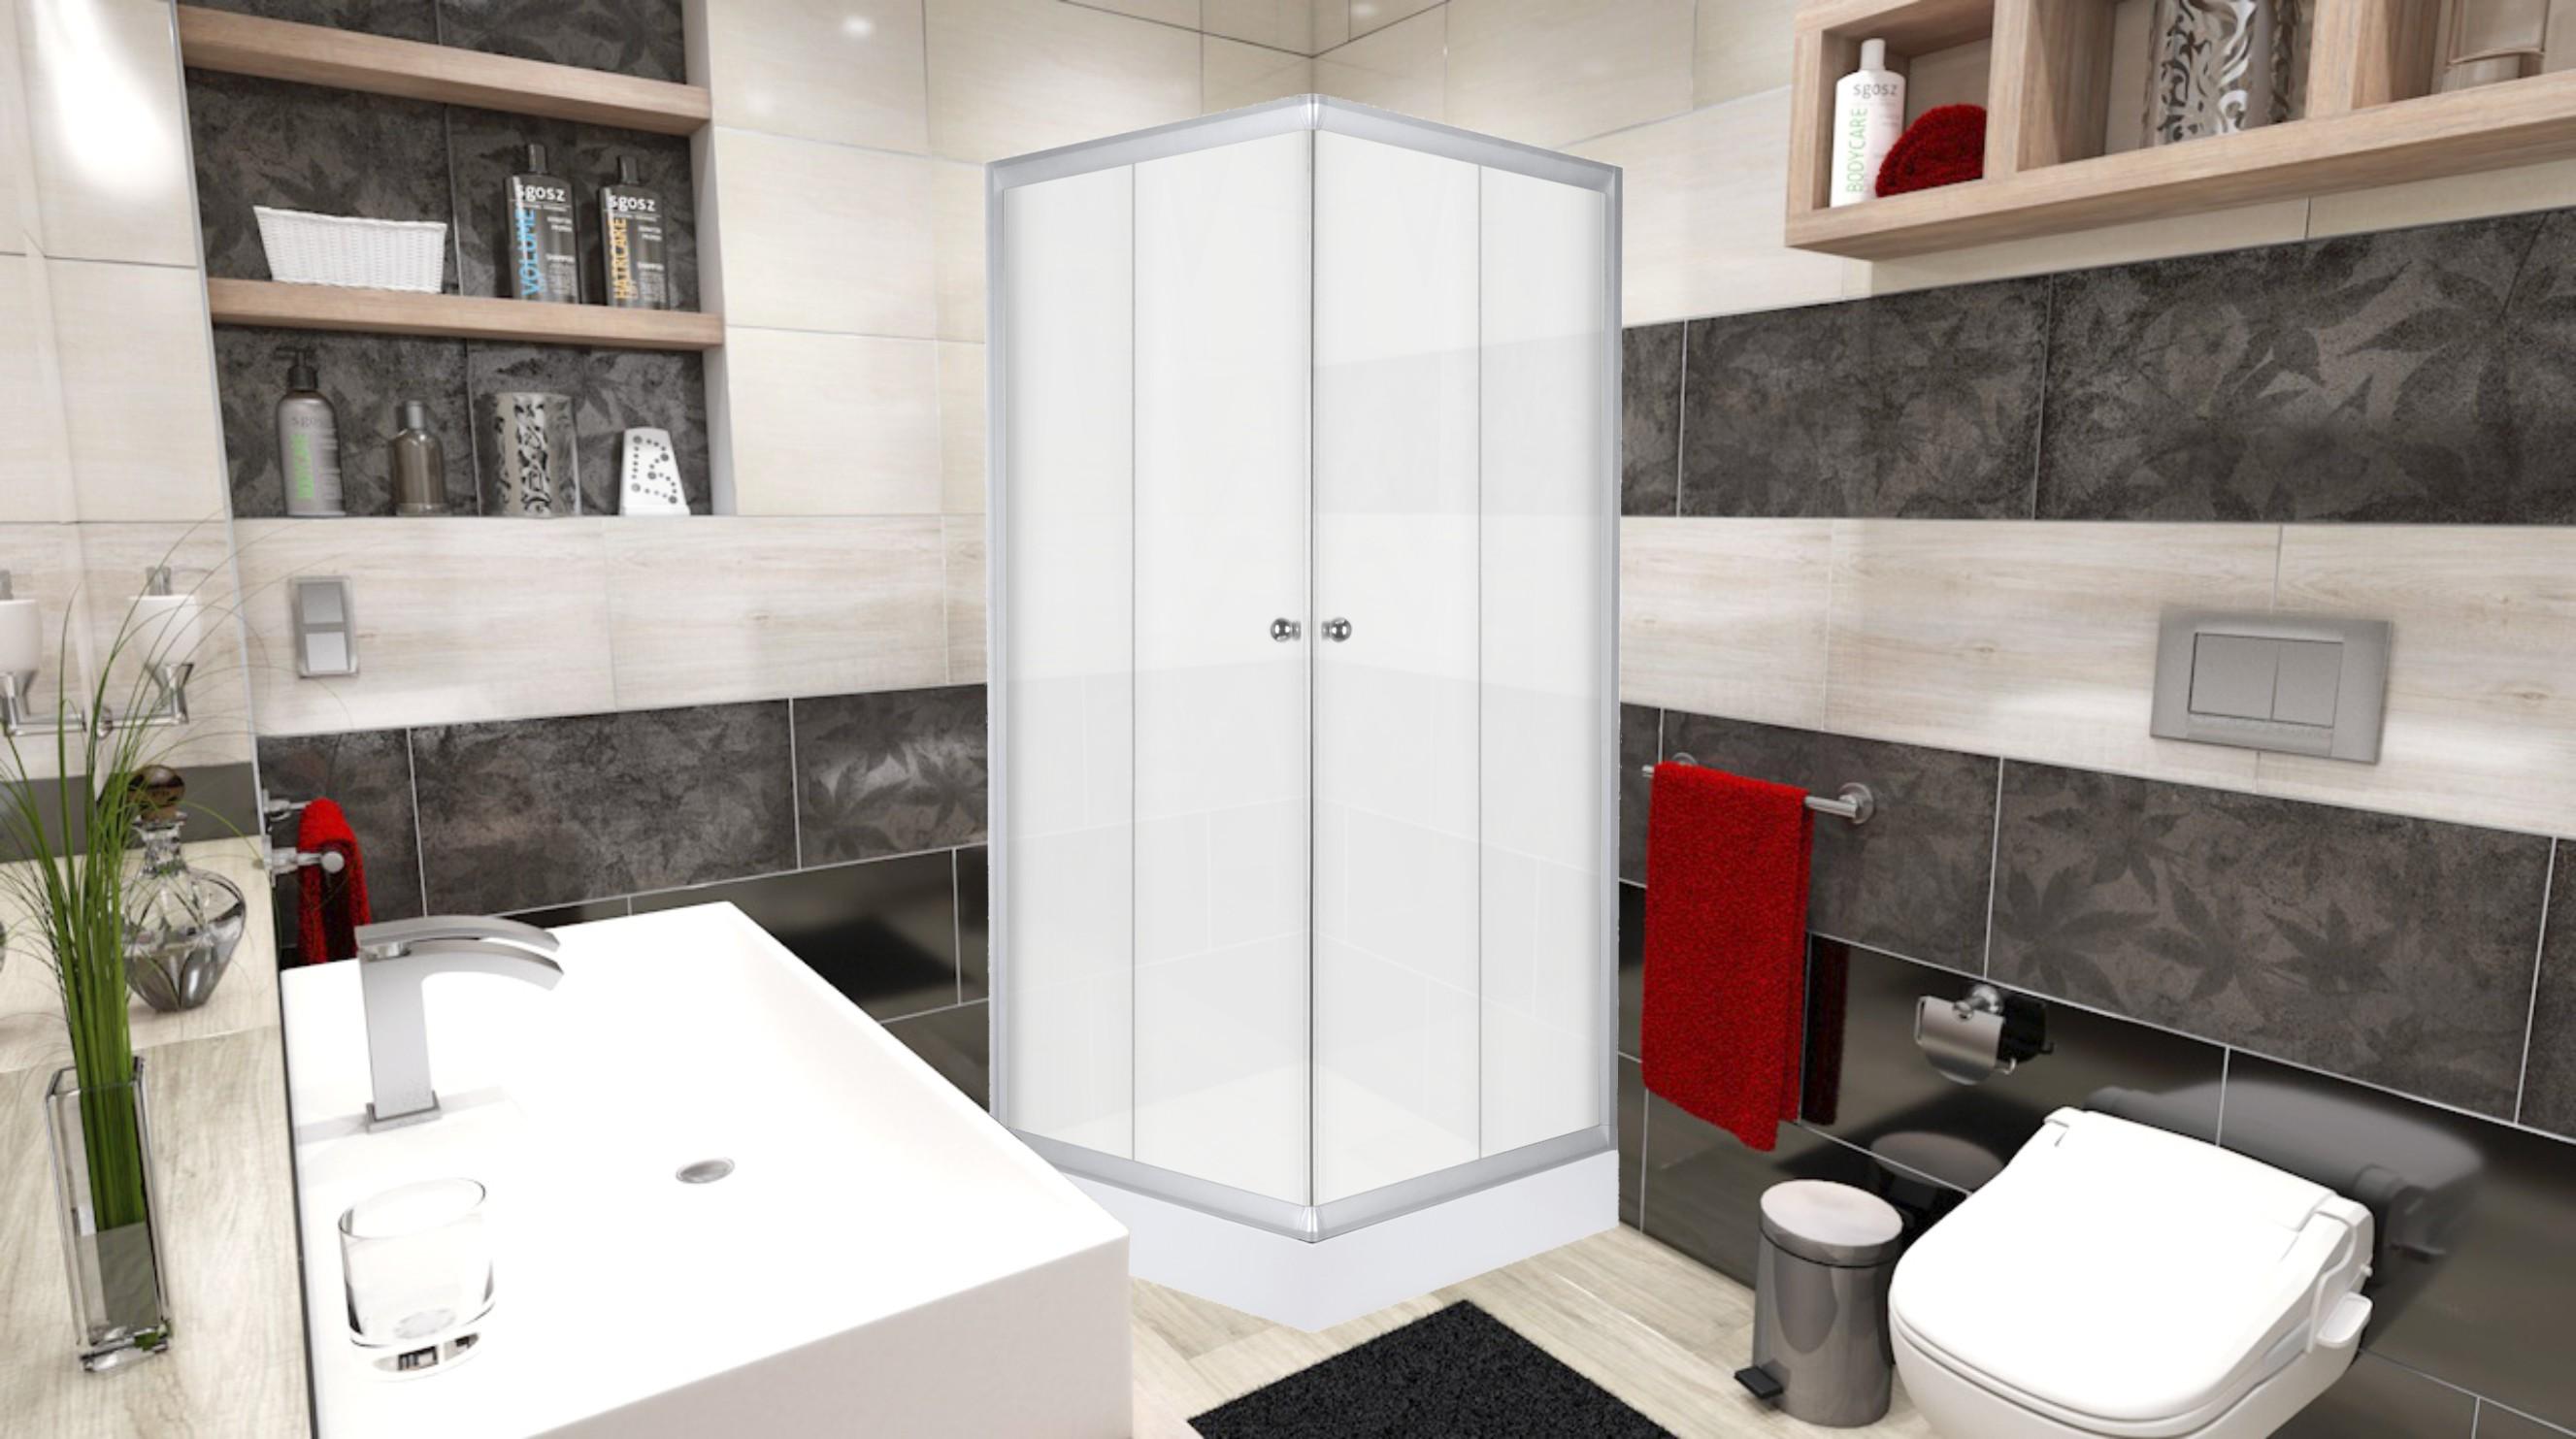 FRANK Q 1580 Well sprchový kout čtvercový s akrylátovou vaničkou, skladem